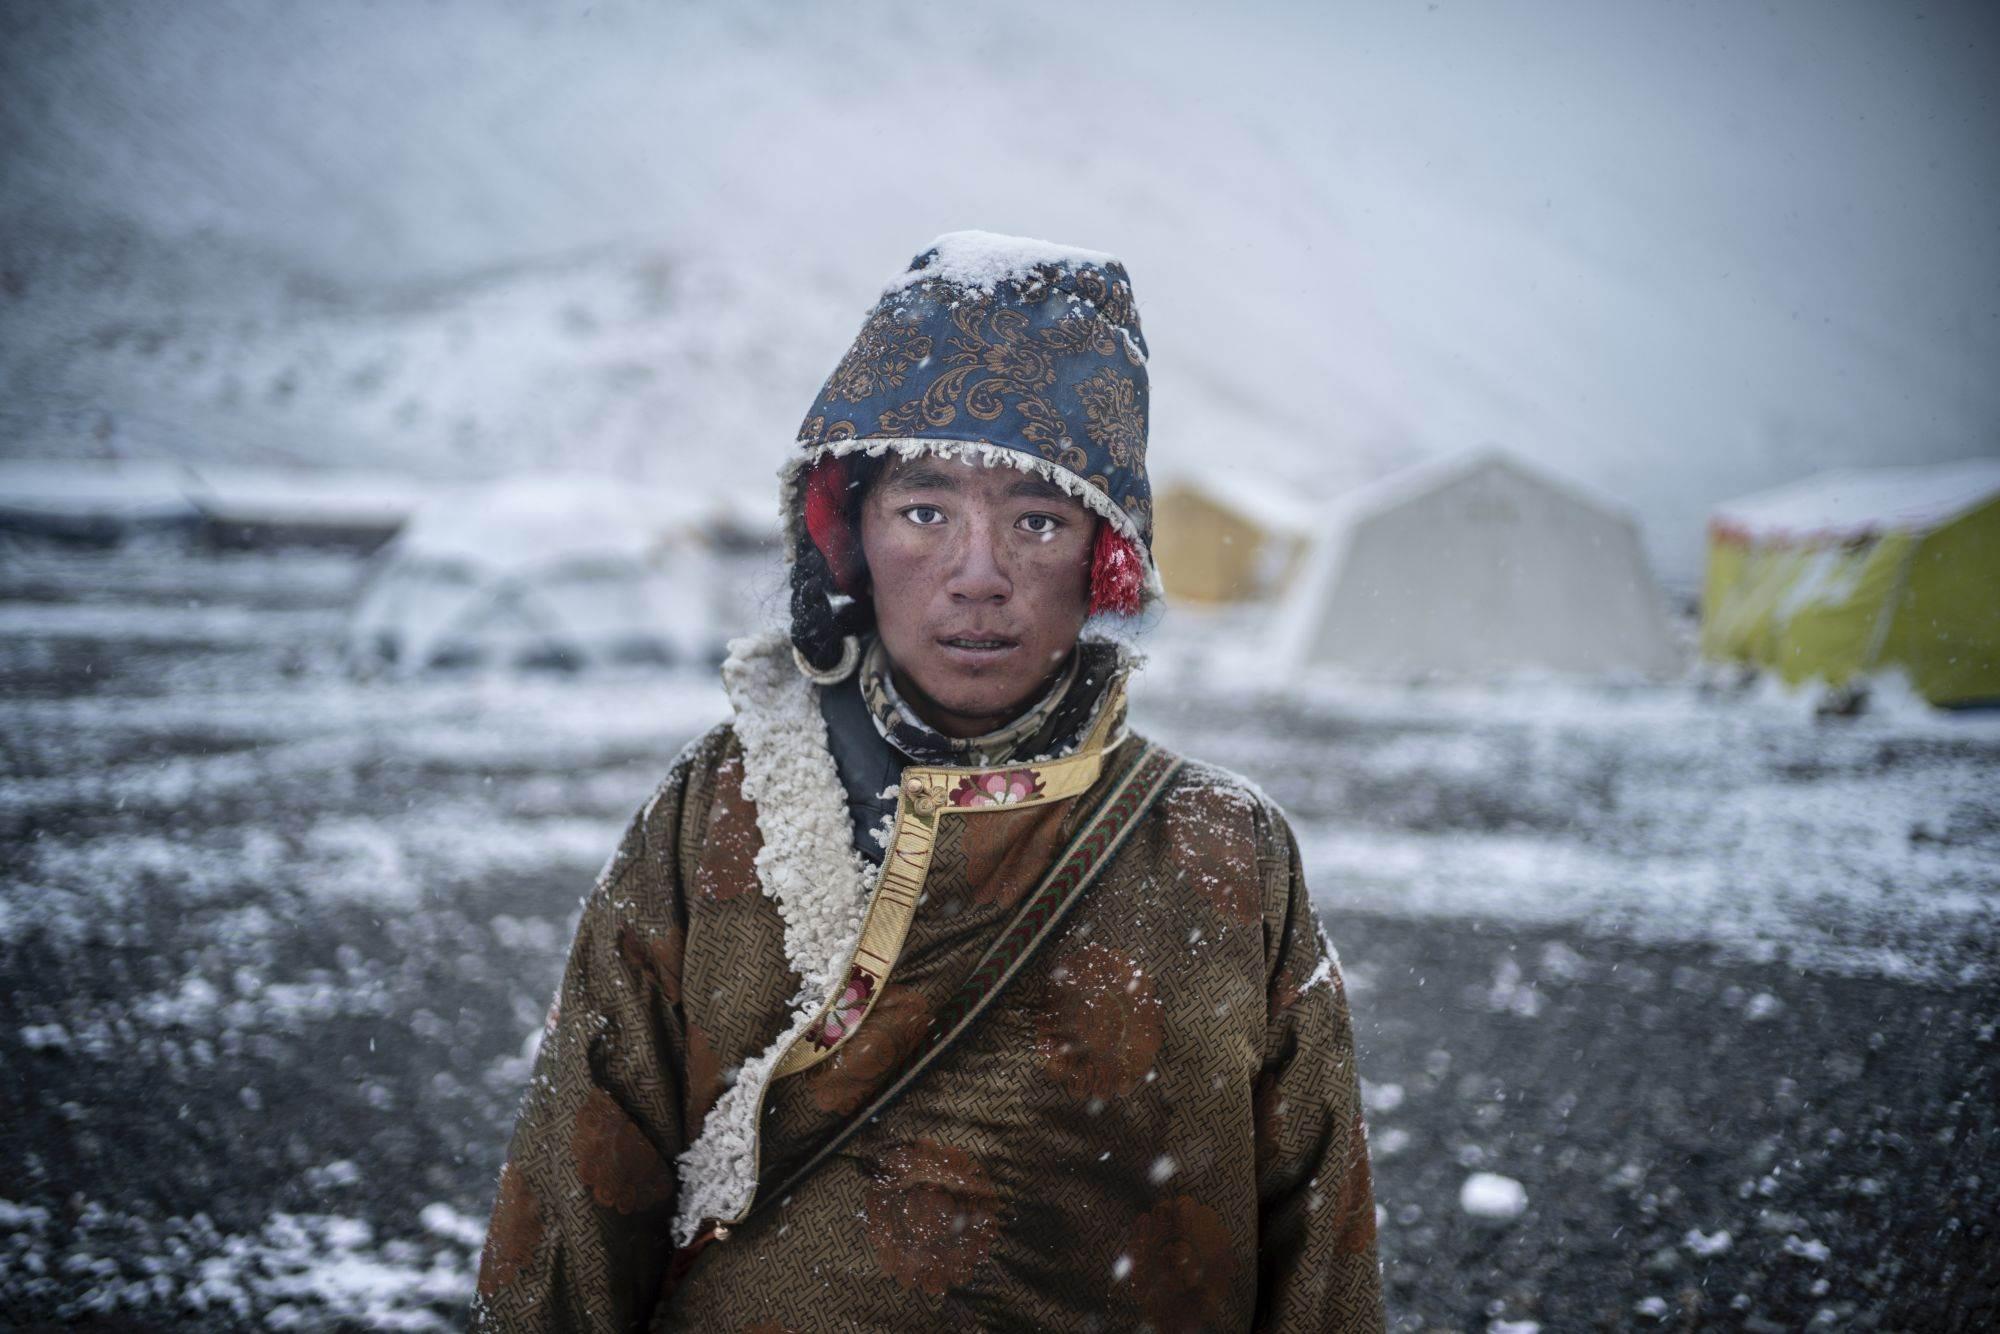 Mladi vozač tibetanskog jaka prolazi kroz kineski bazni kamp Everest tokom snežne kiše nakon dugog dana dovlačenja zaliha na gornju planinu. Mnogi vozači jakova žive u selima na severu koja zavise od prihoda od penjačkih ekspedicija. Njihove životinje i dalje su ključne za penjanje na kineskoj strani Everesta.